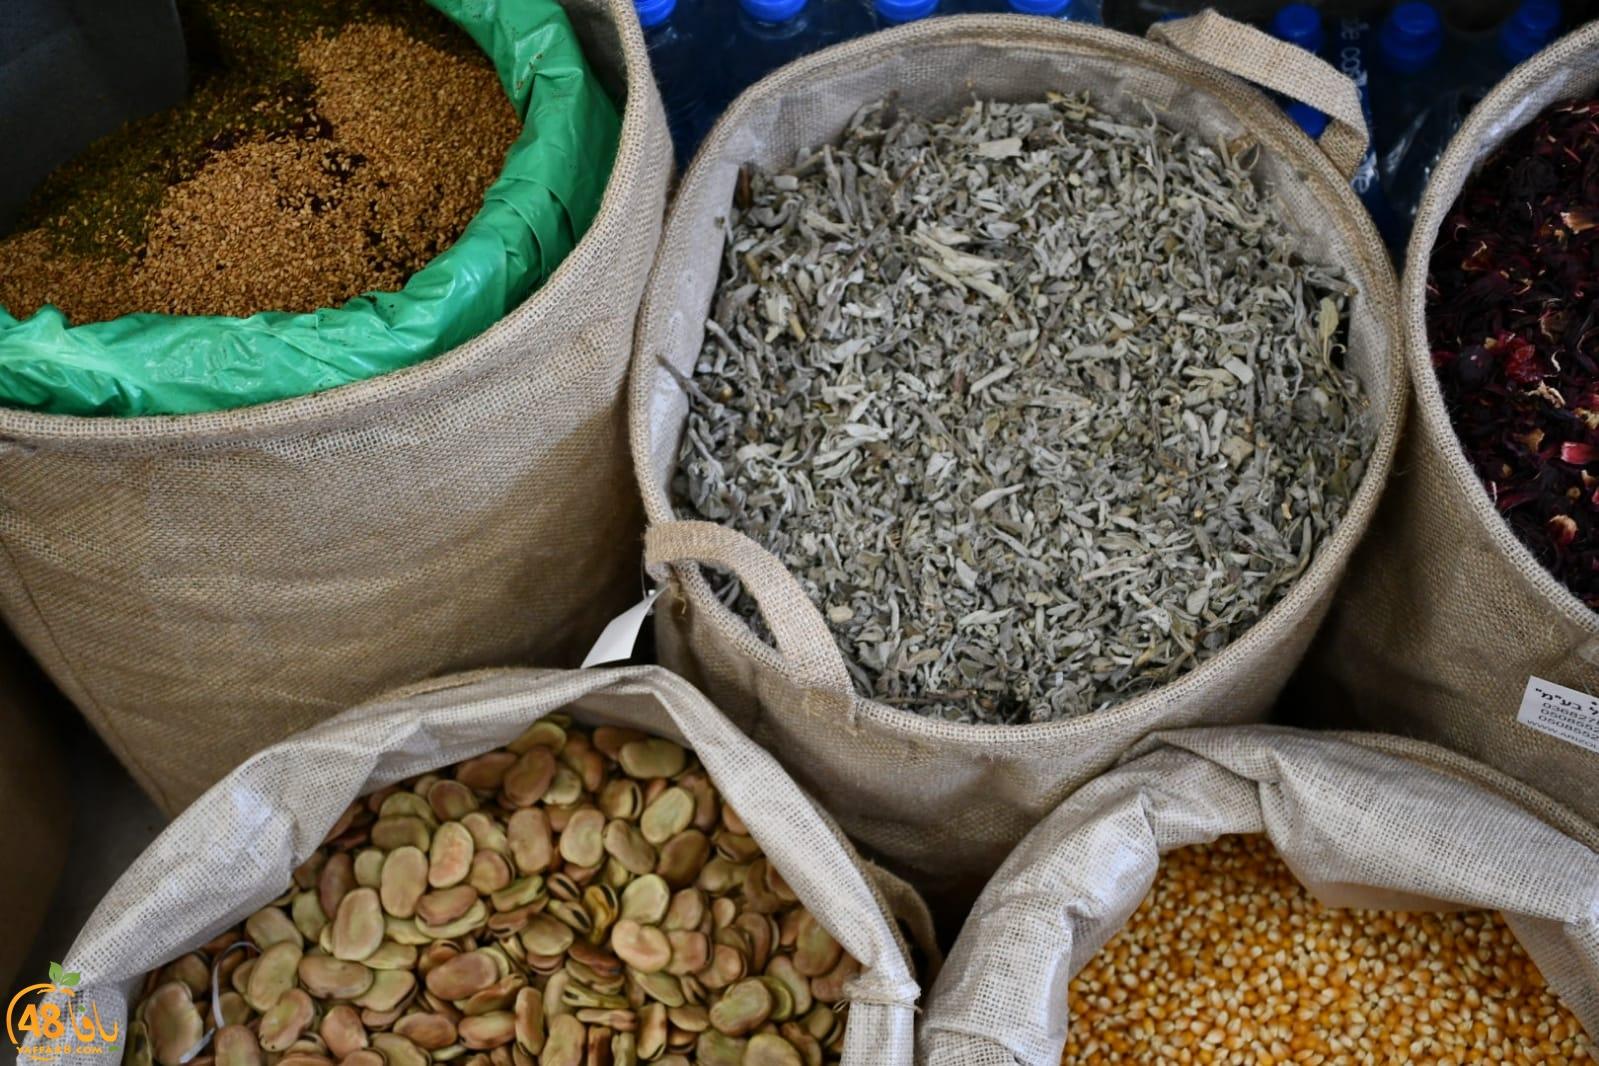 يافا: انتقال محل الزهراء للعطارة والمواد الغذائية الى شارع ييفت 92